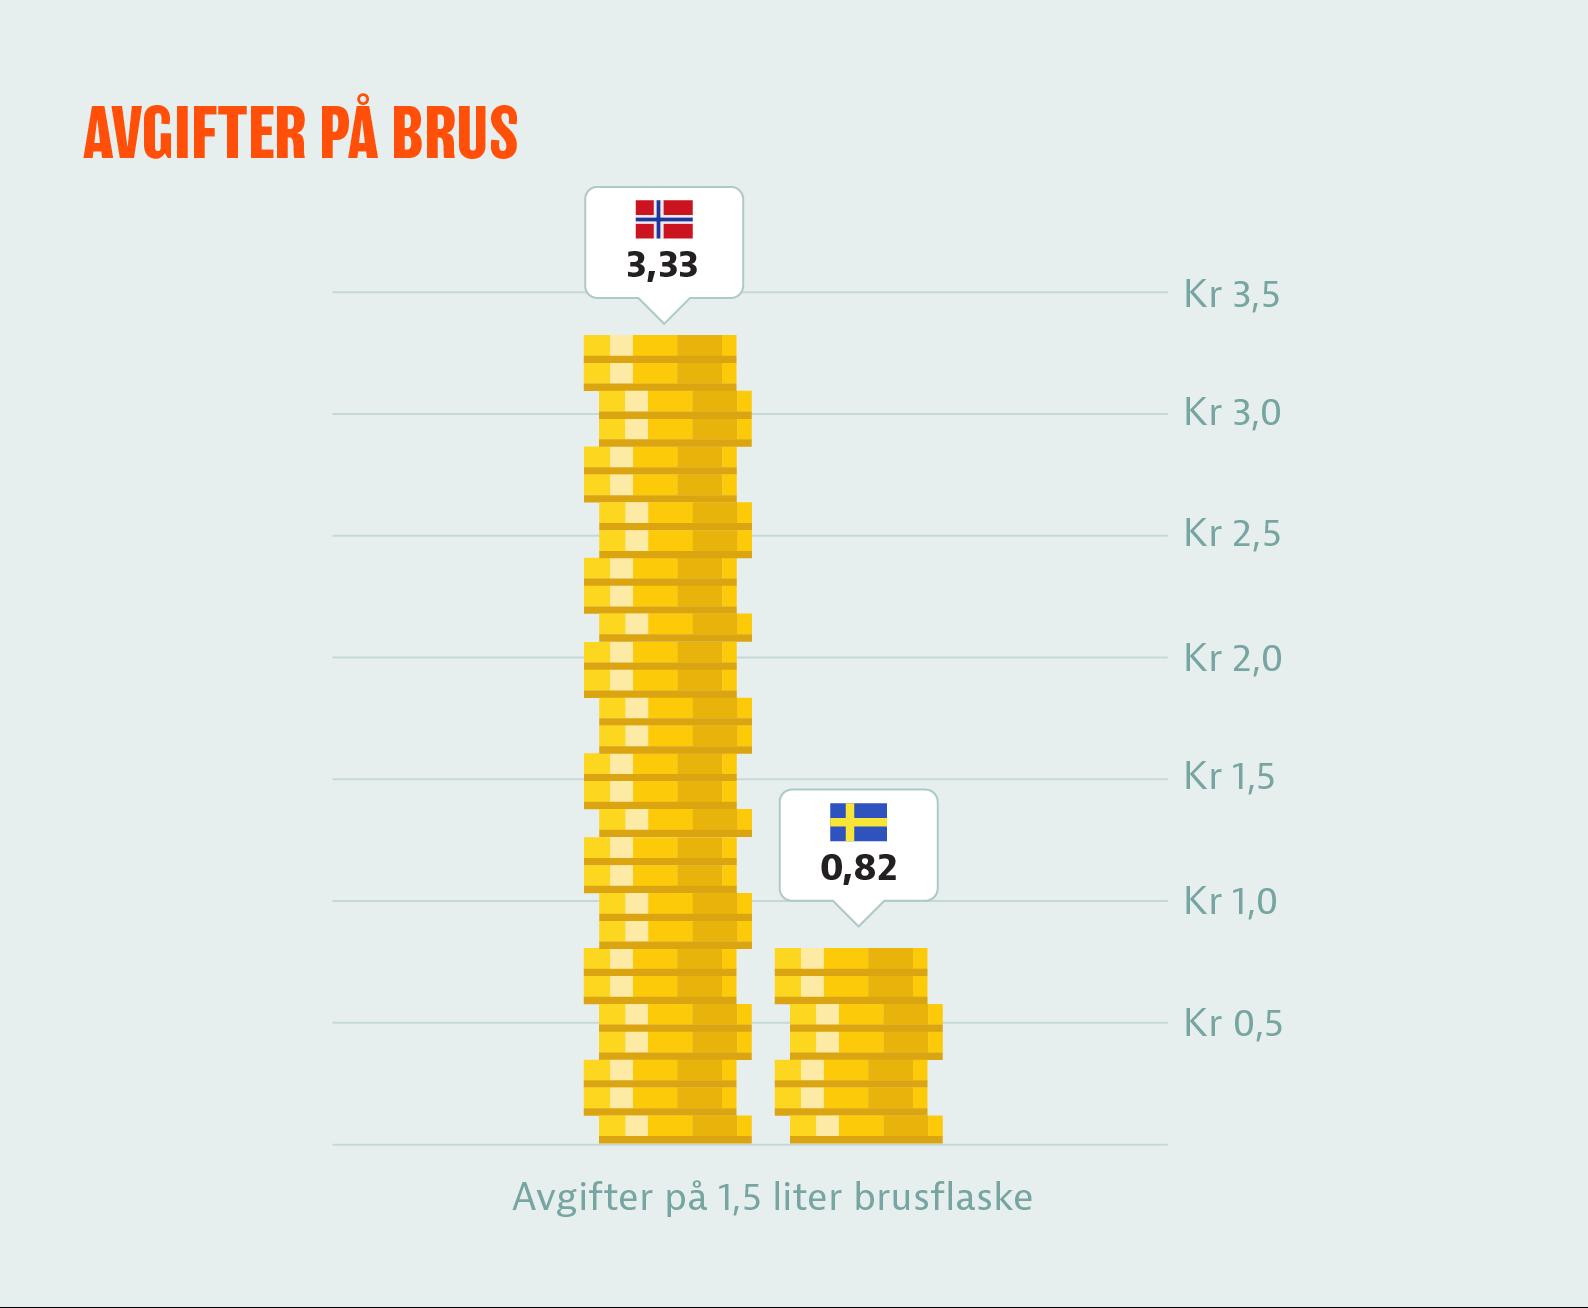 Norske avgifter på brus er 4 ganger så høye som i Sverige